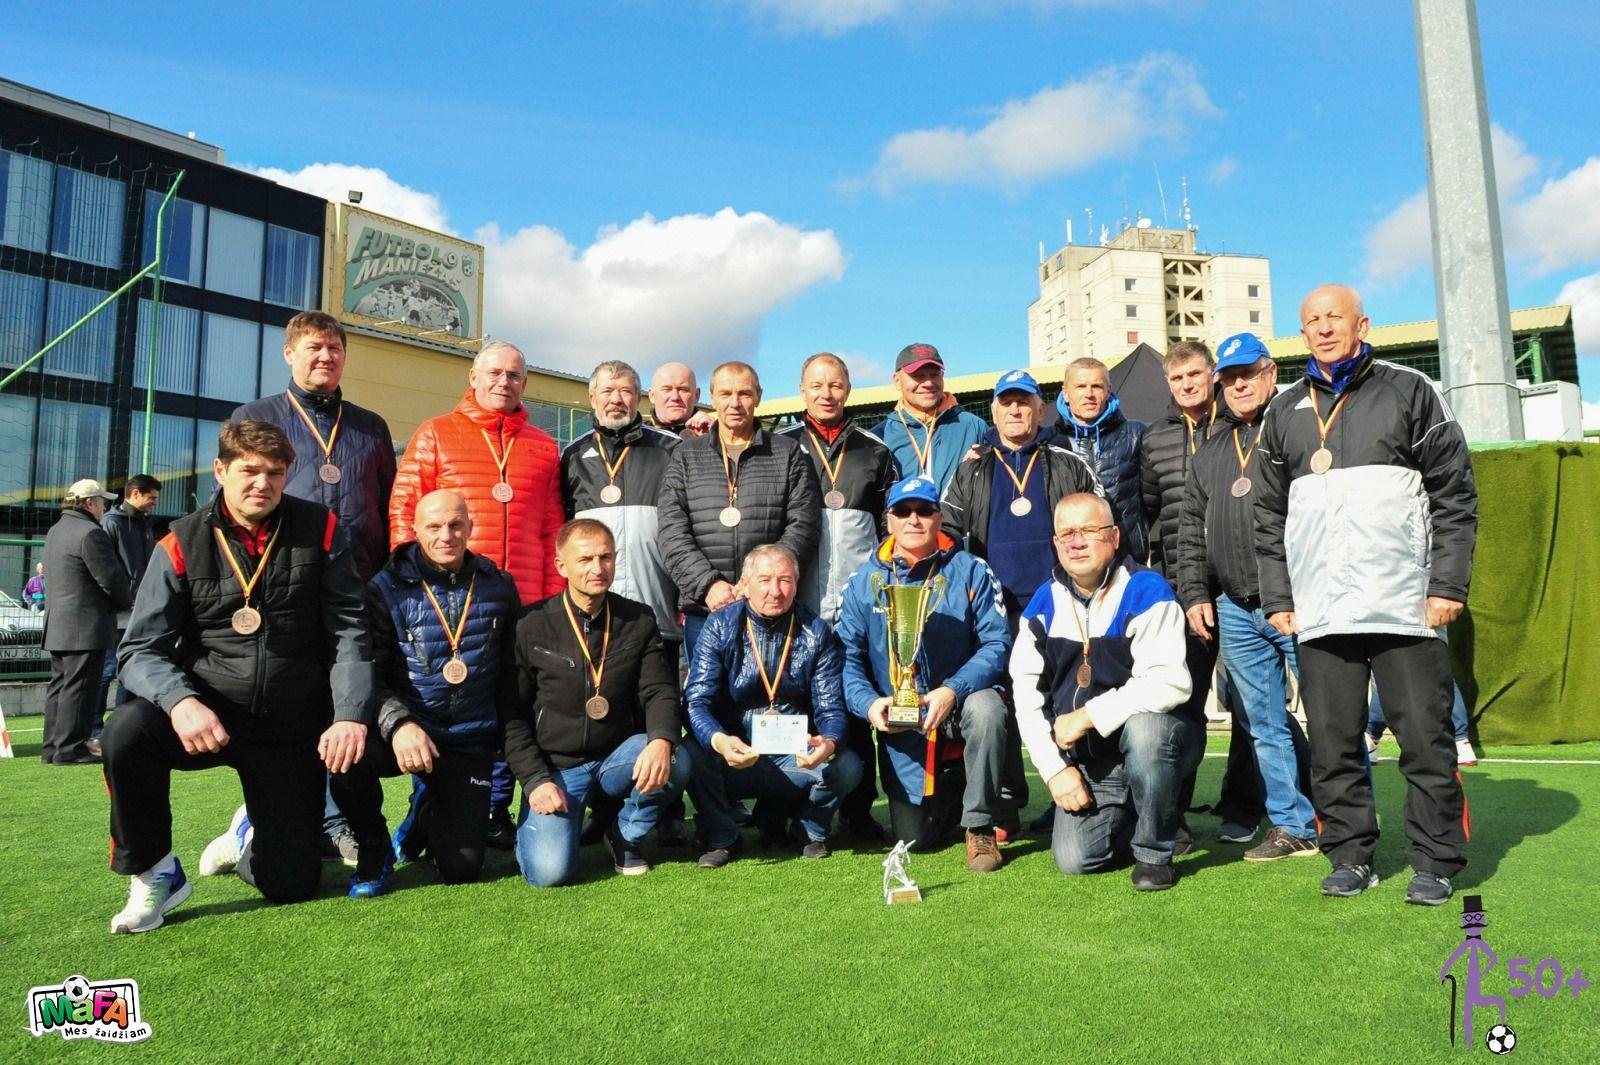 Lietuvos senjorų (50 metų ir vyresnių) futbolo pirmenybėse Panevėžys užemė III vietą